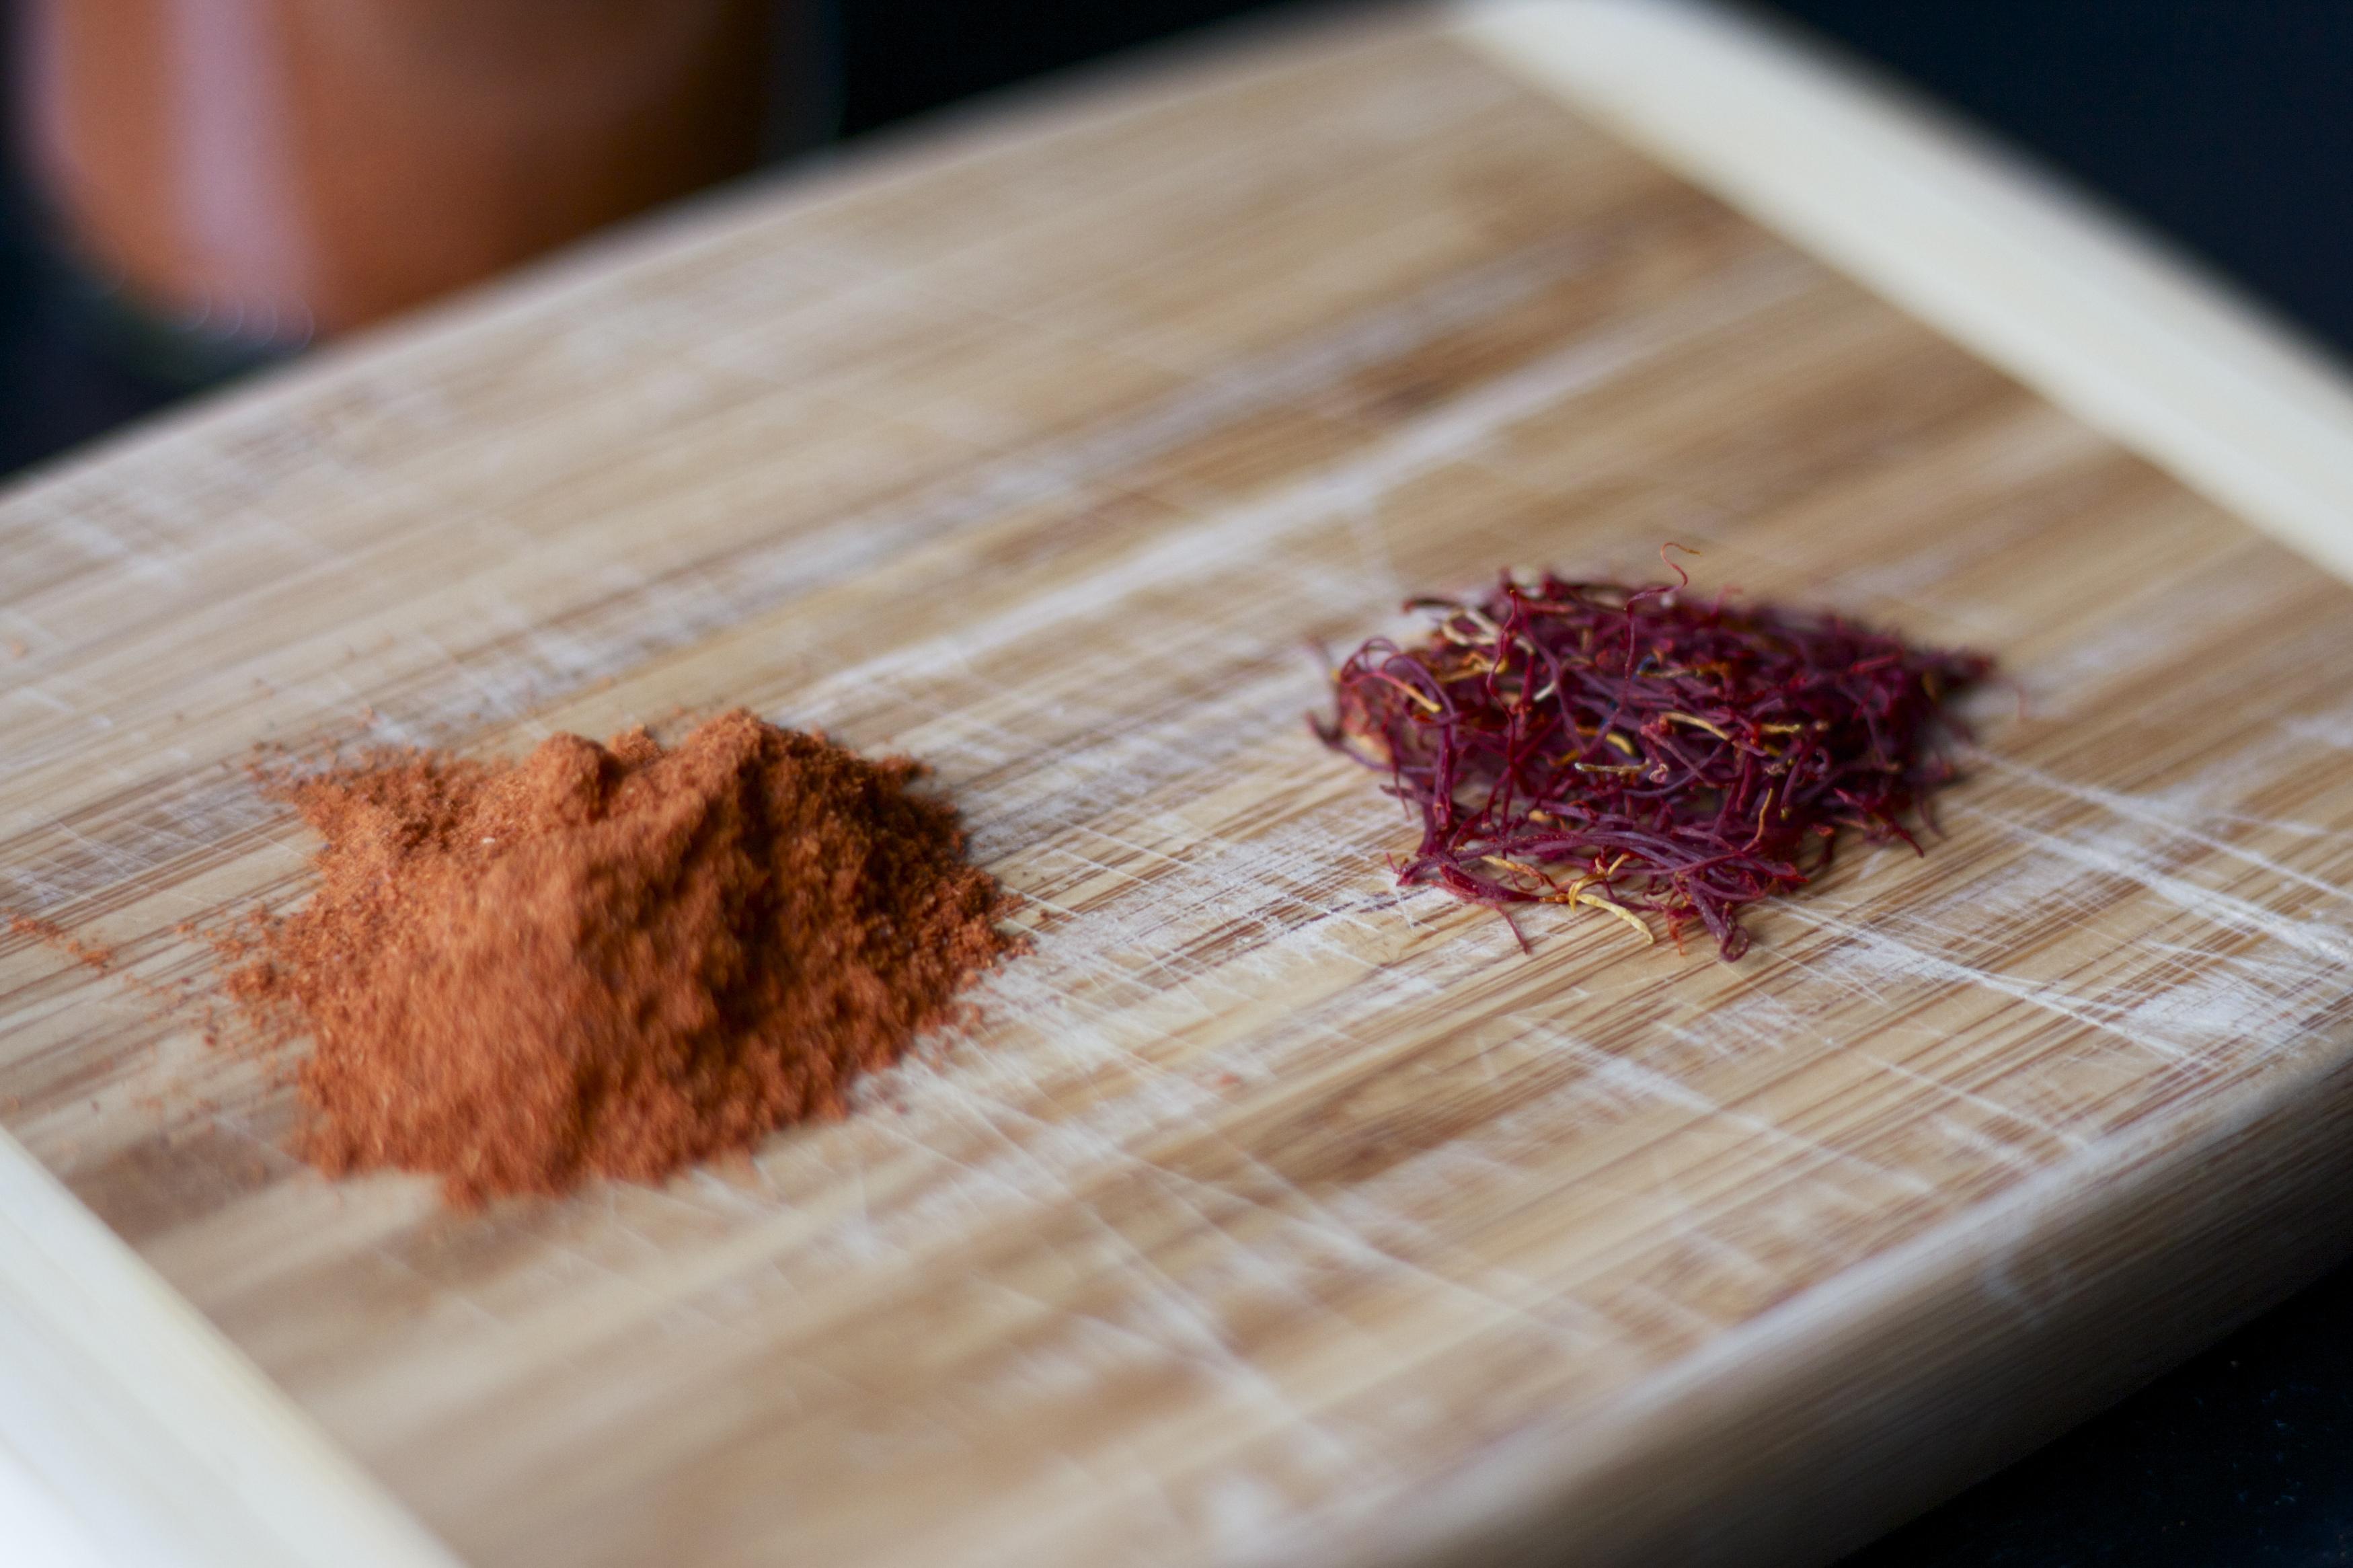 Pollo al chilindron recipe from Edible Times